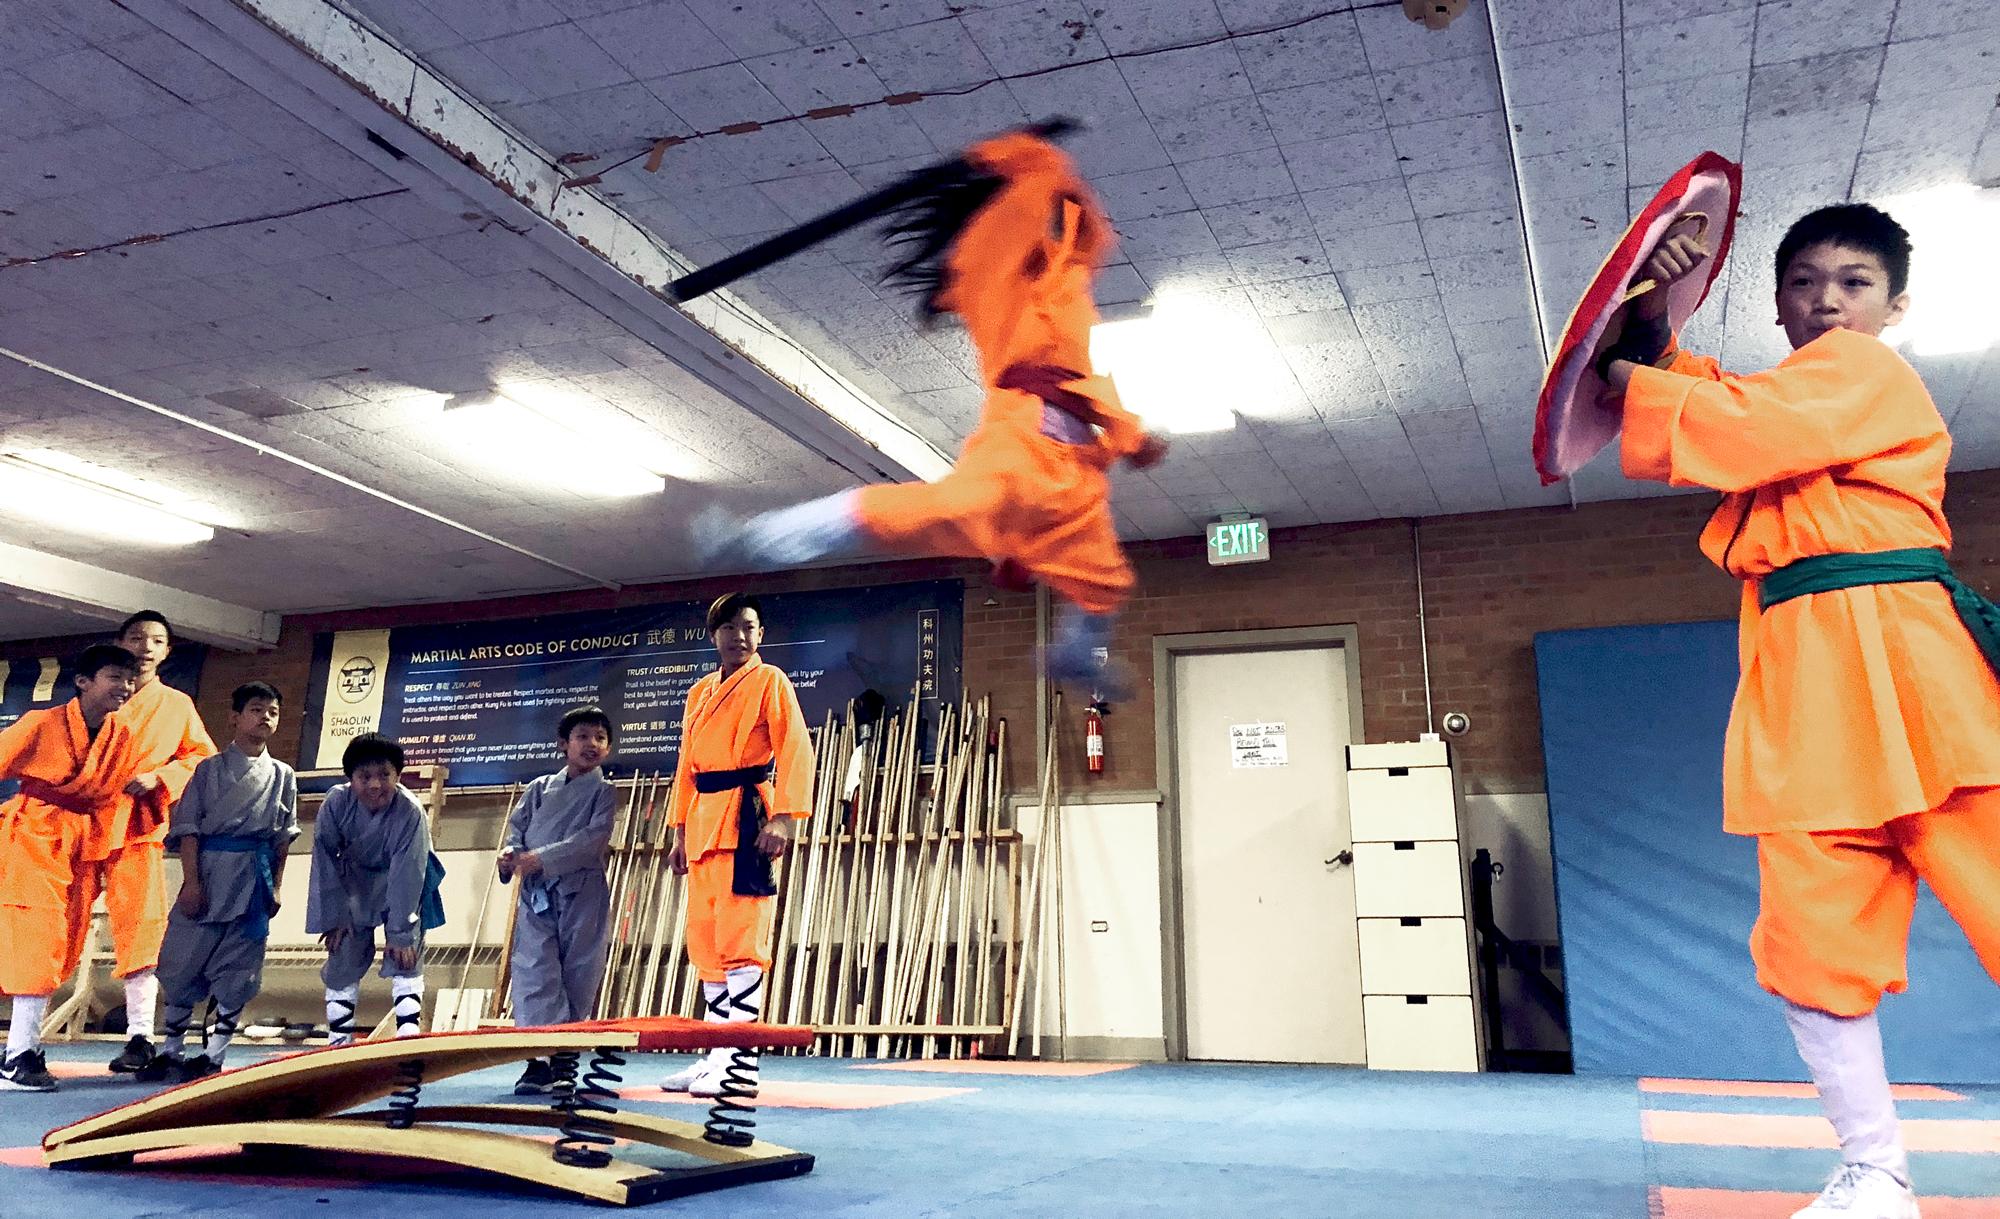 denver-shaolin-cassi-flying.jpg